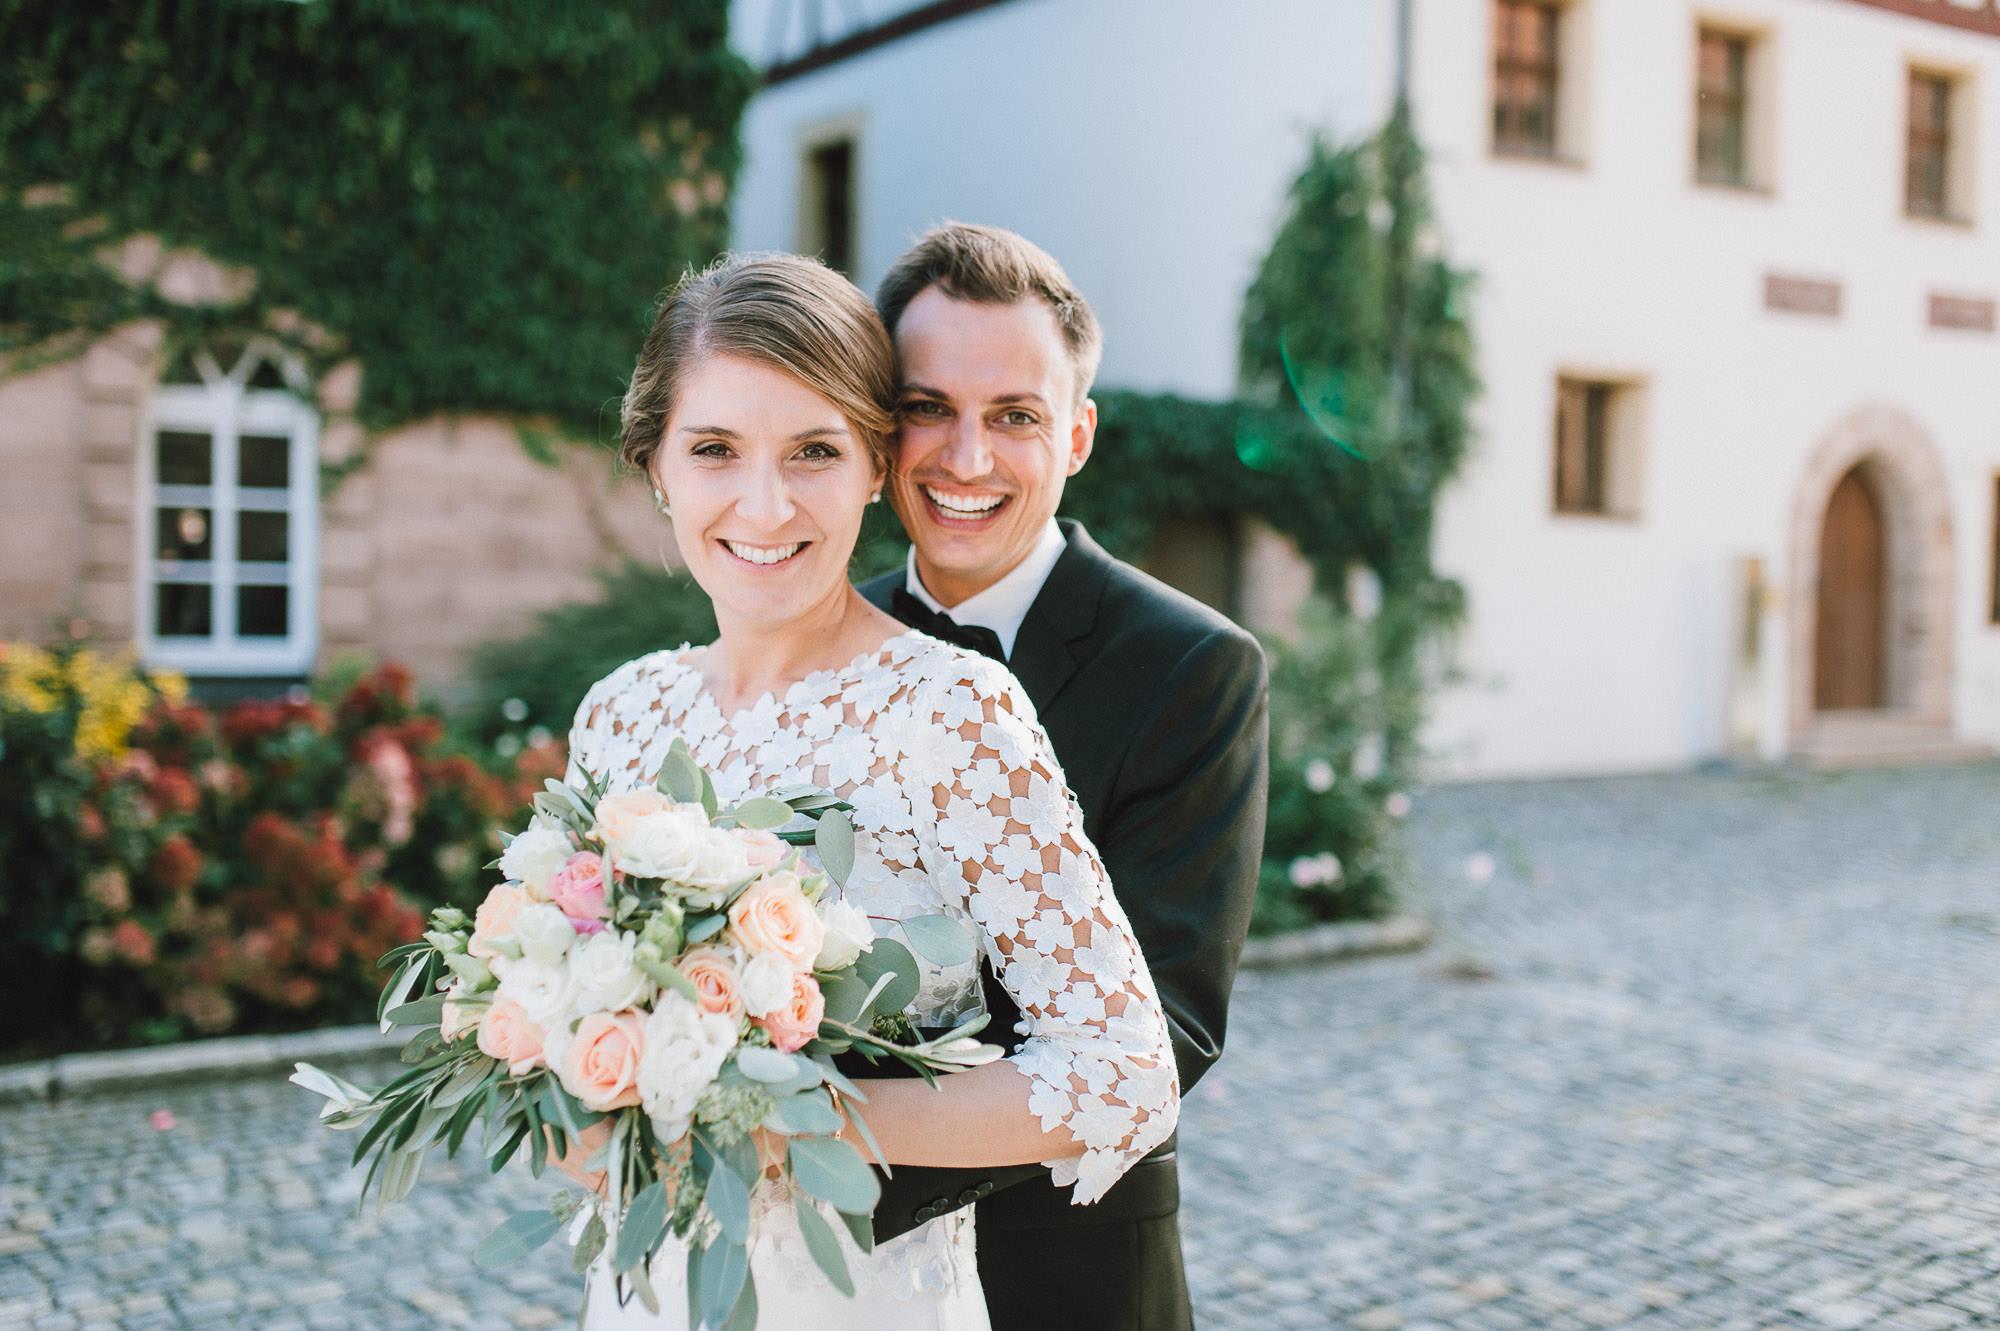 modern-urban-industrial-wedding-poolhaus-nuernberg-hochzeit-074